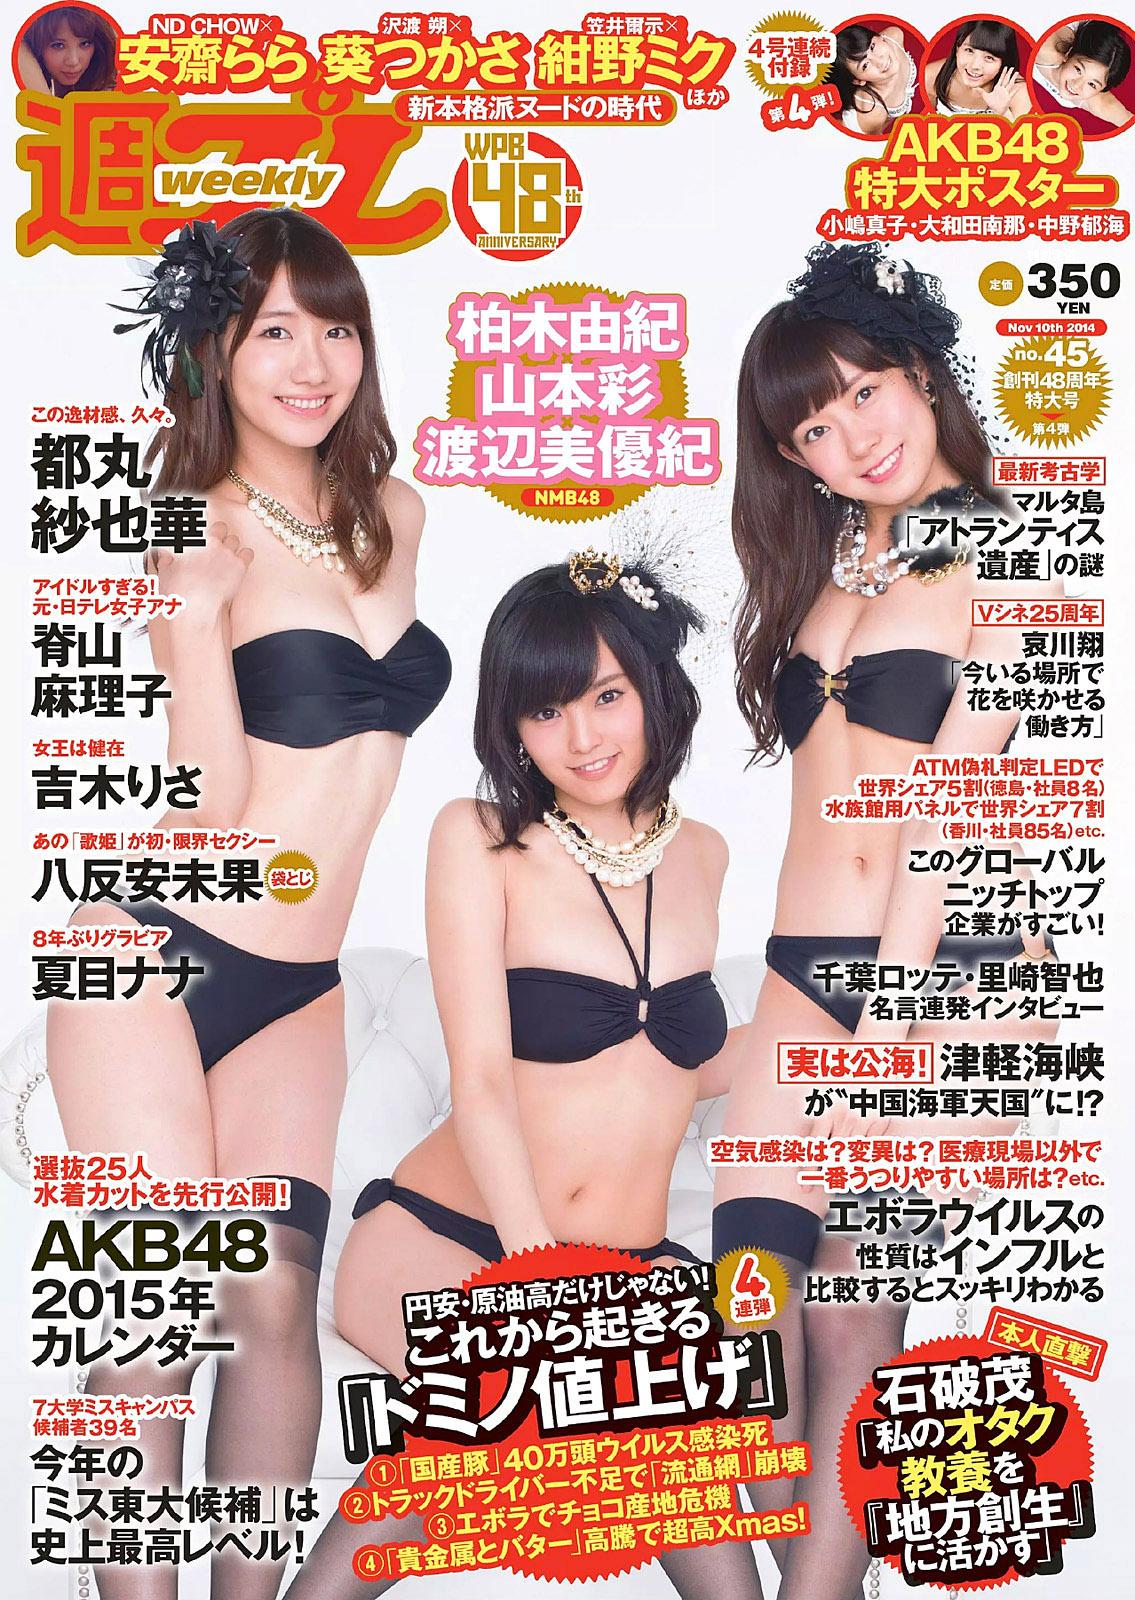 YKashiwagi SYamamoto MiWatanabe WPB 141110 01.jpg